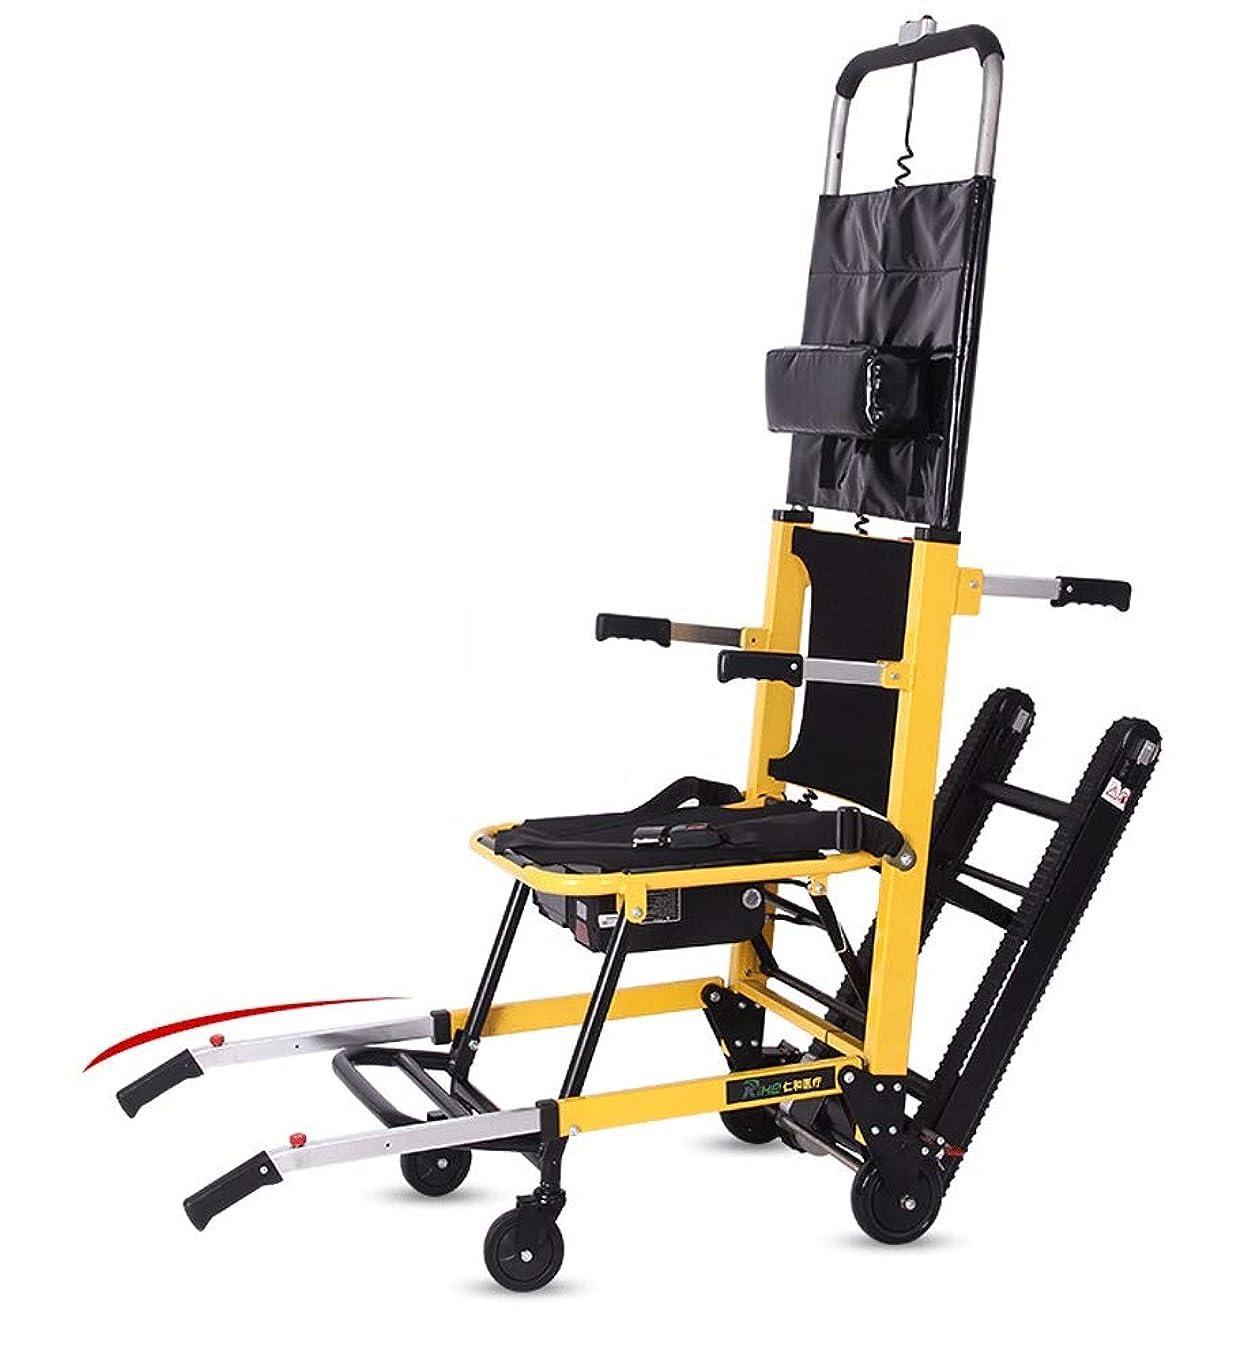 購入いう含めるEMS階段椅子、電気階段昇降車椅子重階段チェアクライミングチェア折りたたみクローラクライミング議長緊急階段を登ります